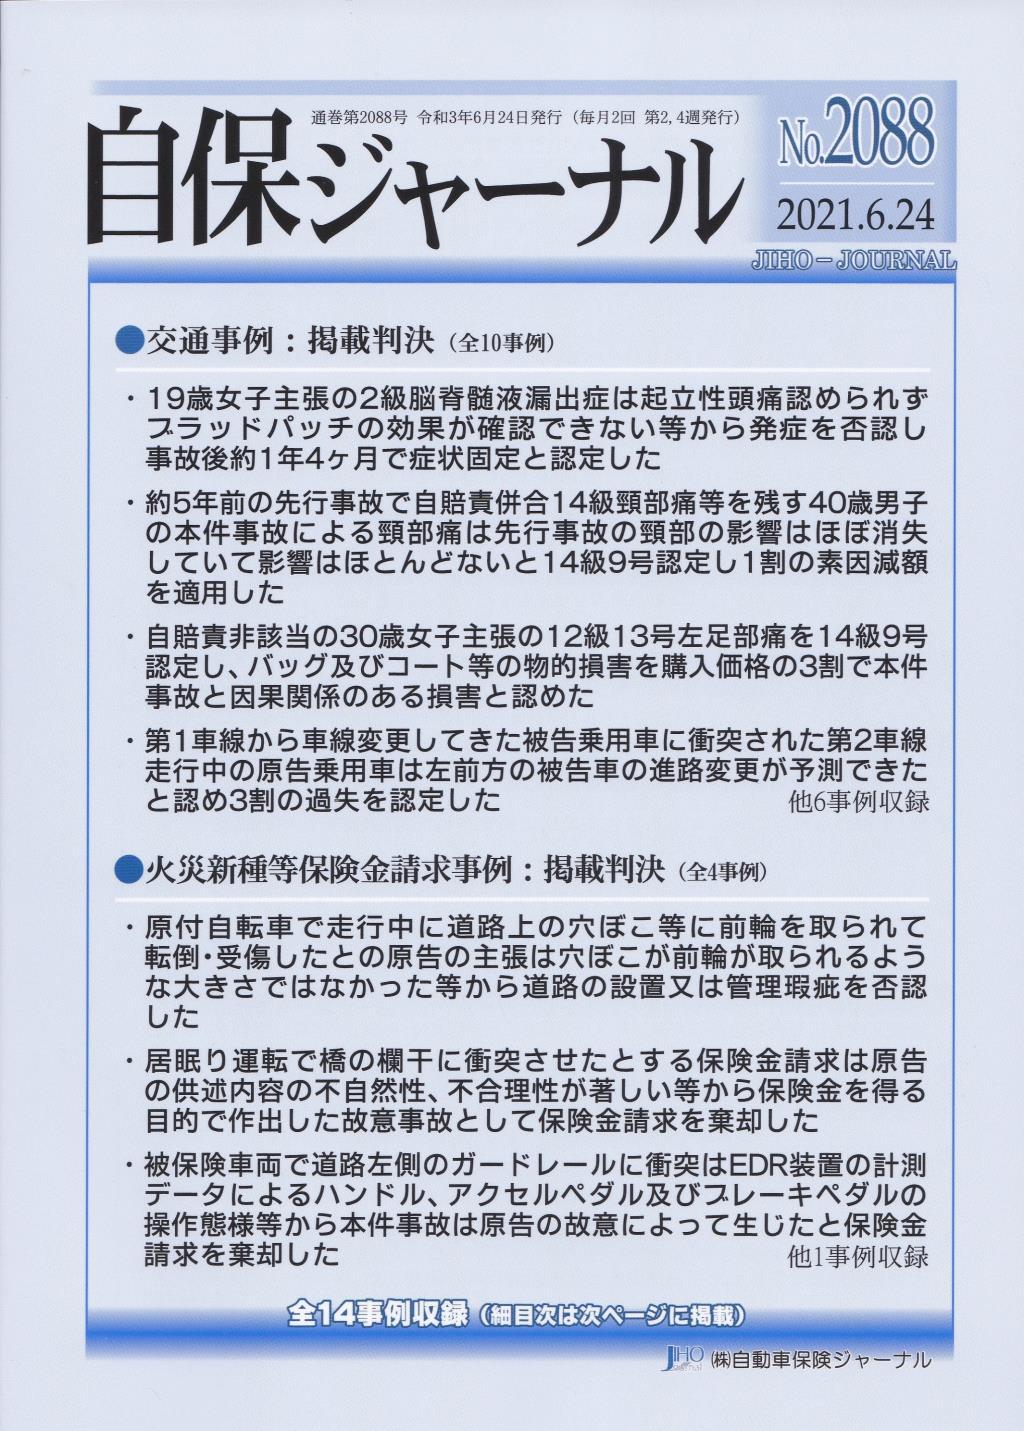 自保ジャーナル No.2088(2021.6.24)